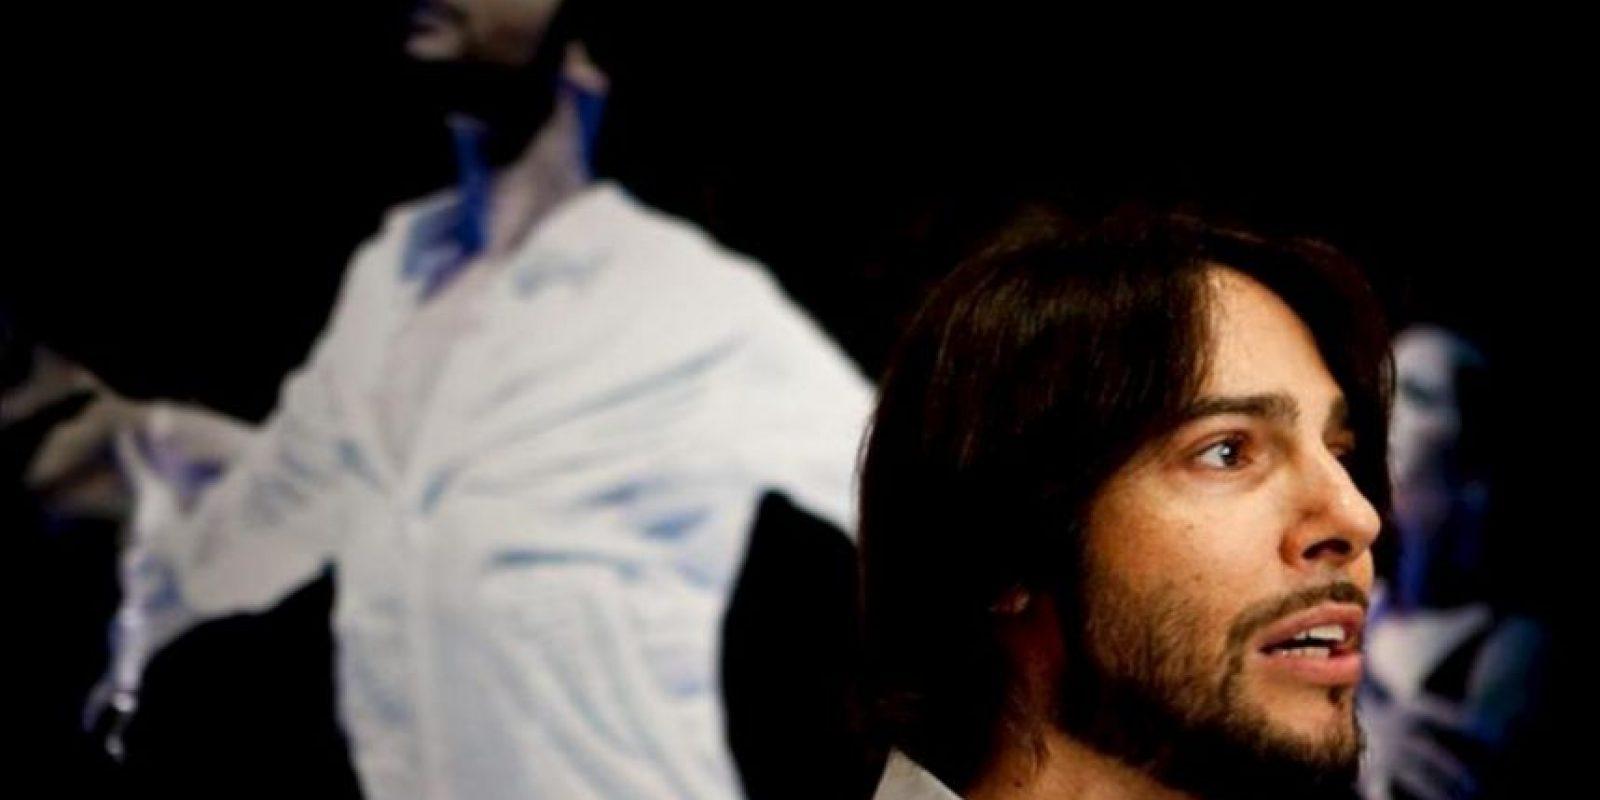 """El bailaor español de flamenco Joaquín Cortes ofrece rueda de prensa donde habló sobre la presentación el próximo 2 de mayo del espectáculo que lleva por nombre """"Calé"""", en la ciudad de Caracas, Venezuela. EFE"""